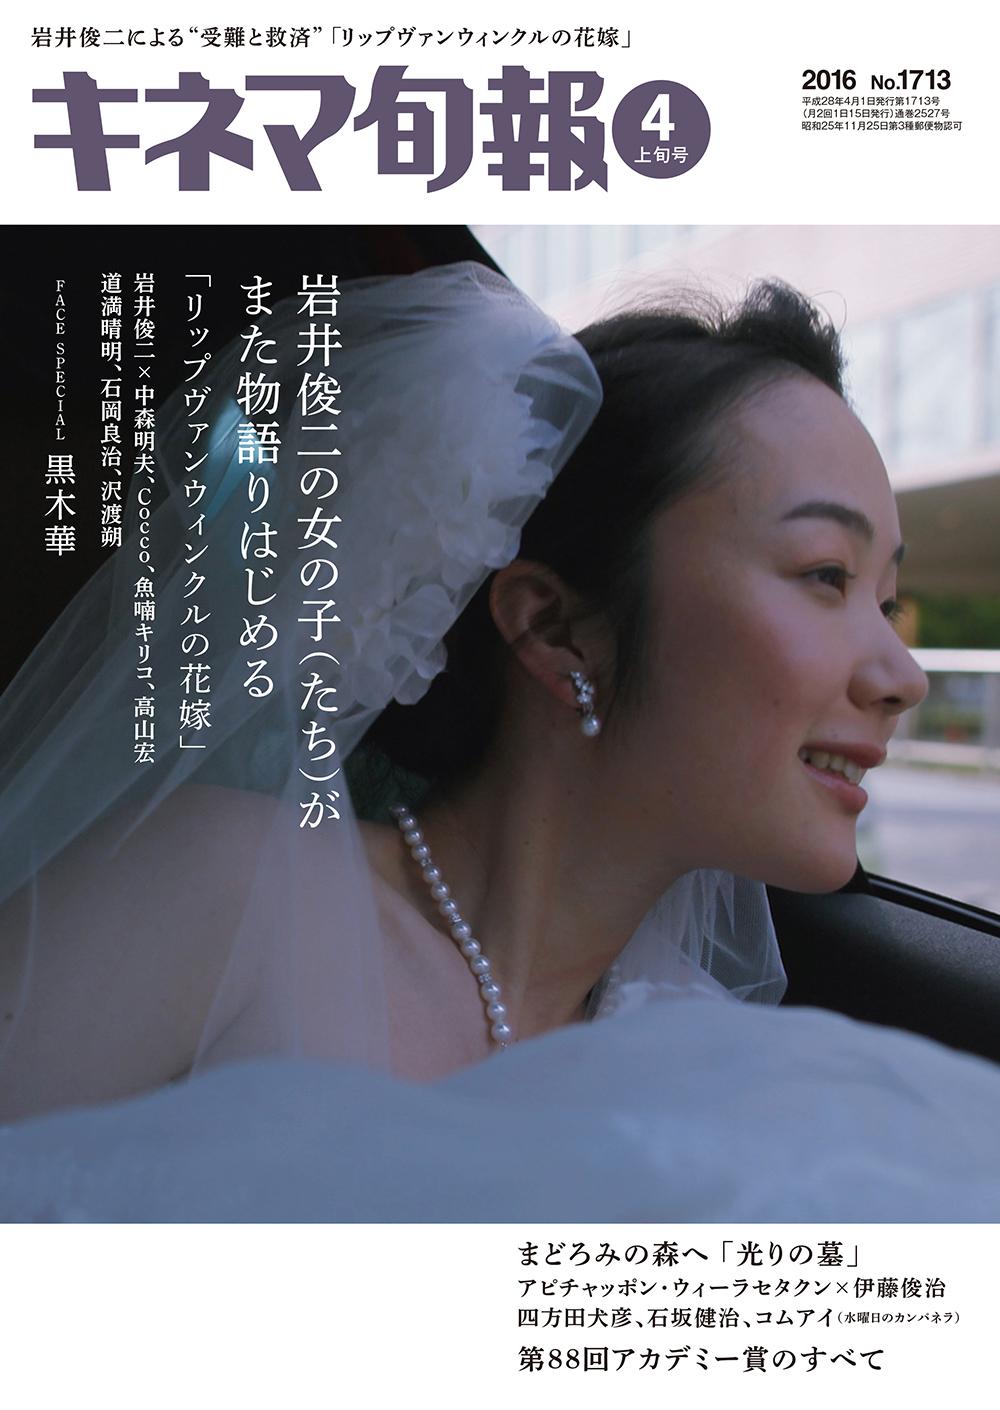 キネマ旬報 2016年4月上旬号(No.1713)